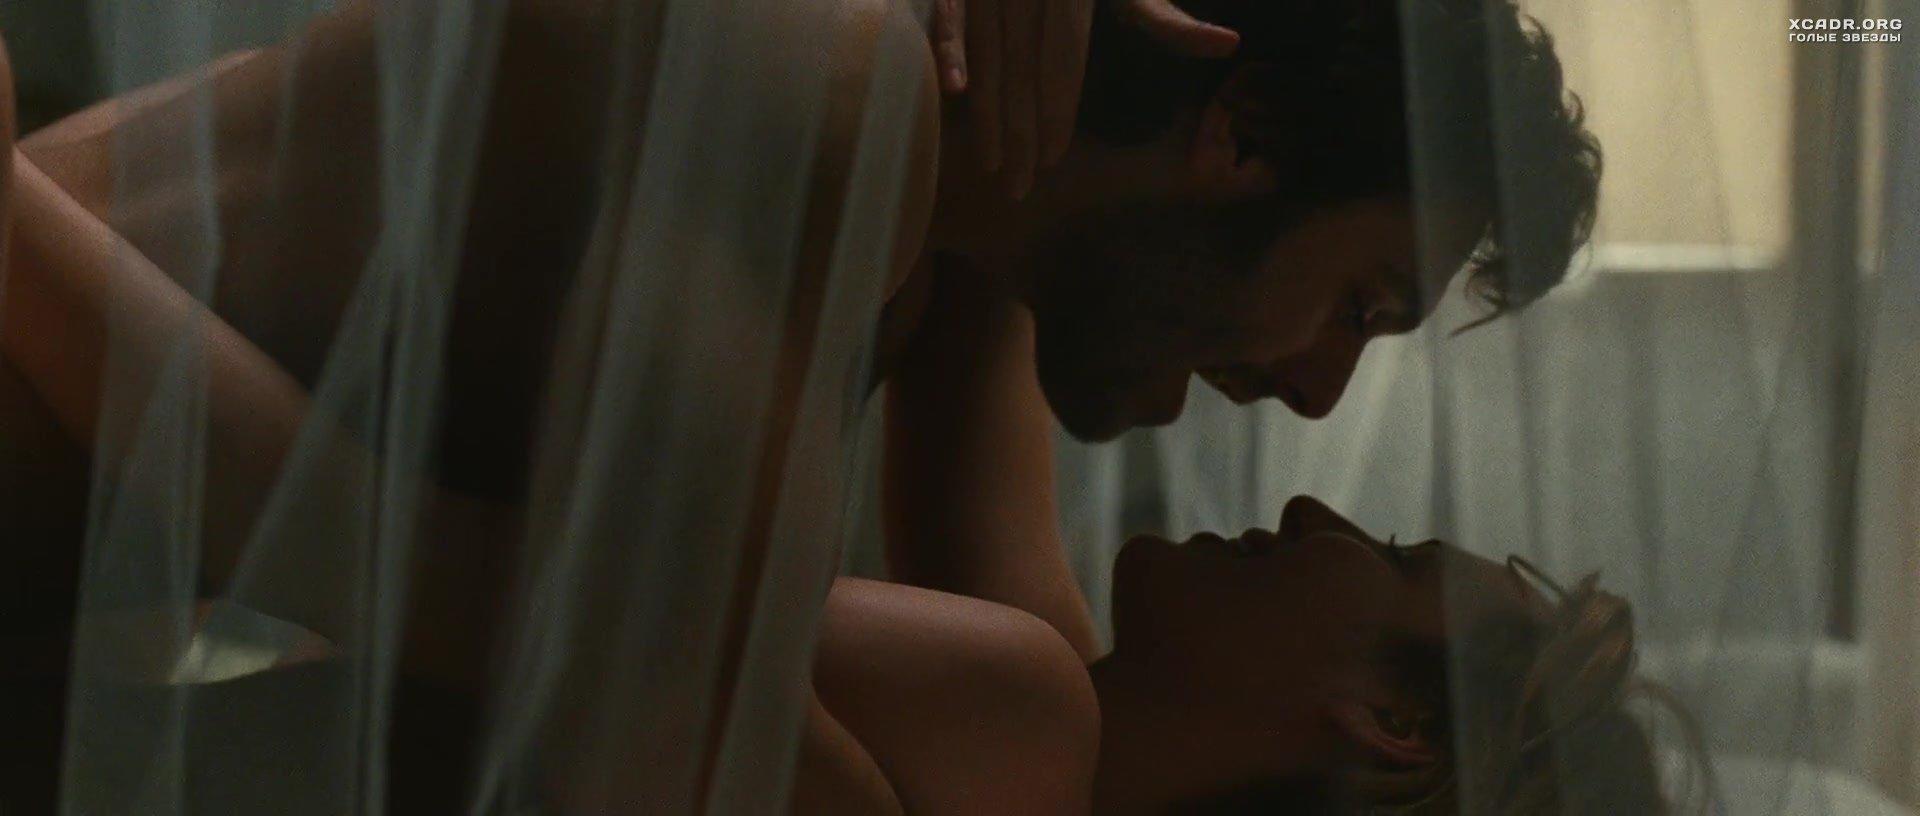 Постельная Сцена С Луиз Бургуан – Секса Много Не Бывает (2011)